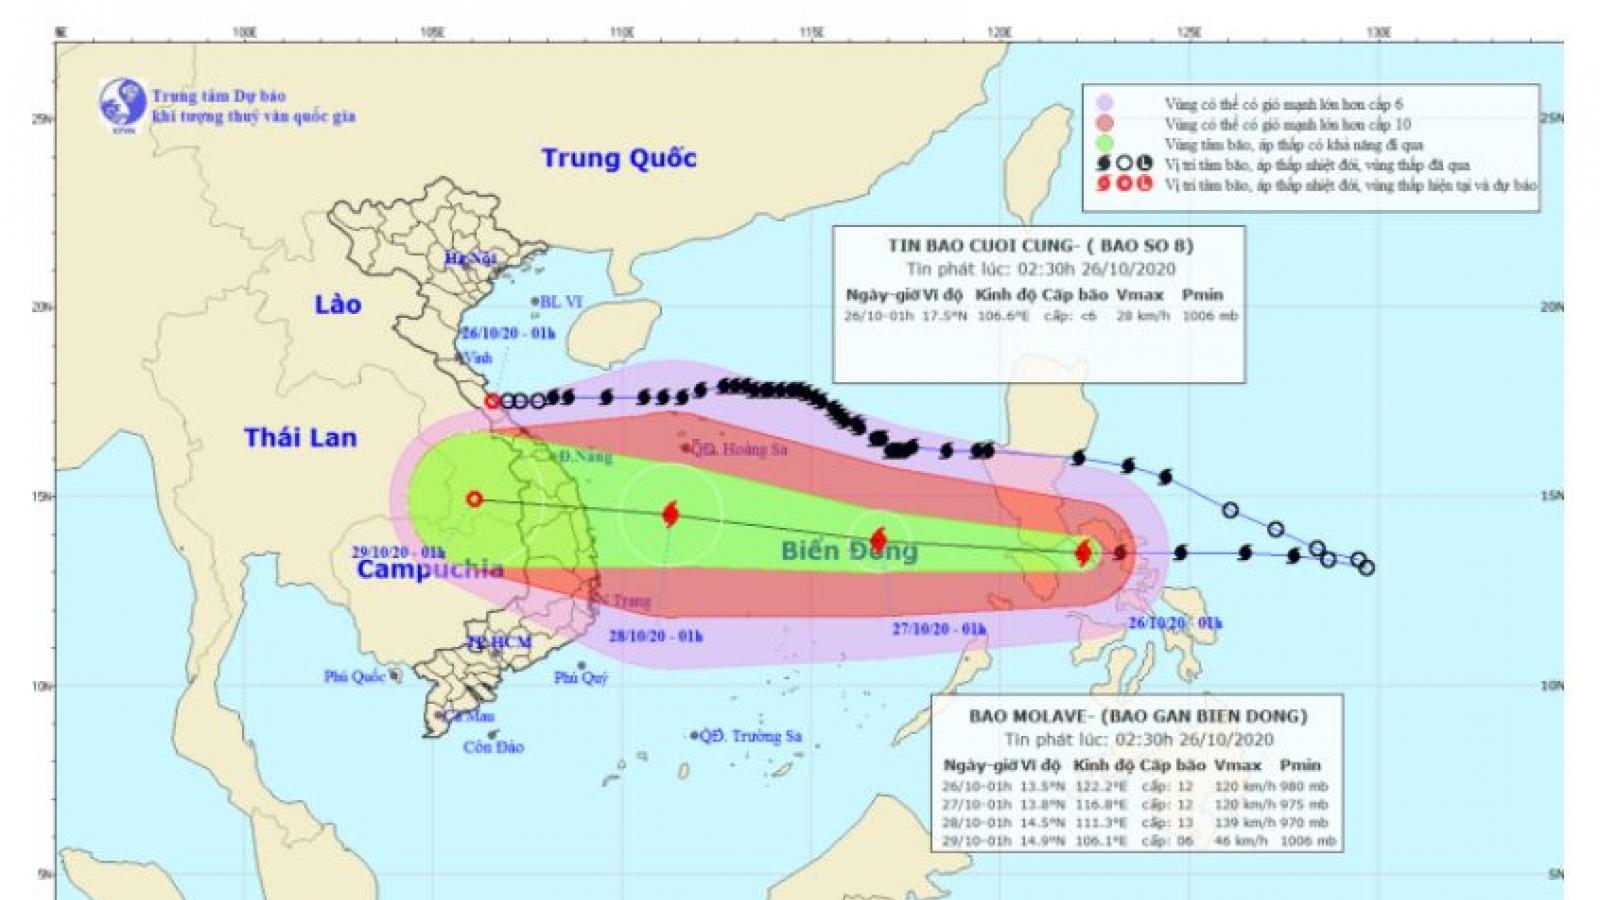 Bão số 8 suy yếu thành vùng áp thấp, Nghệ An và Quảng Trị tiếp tục có mưa